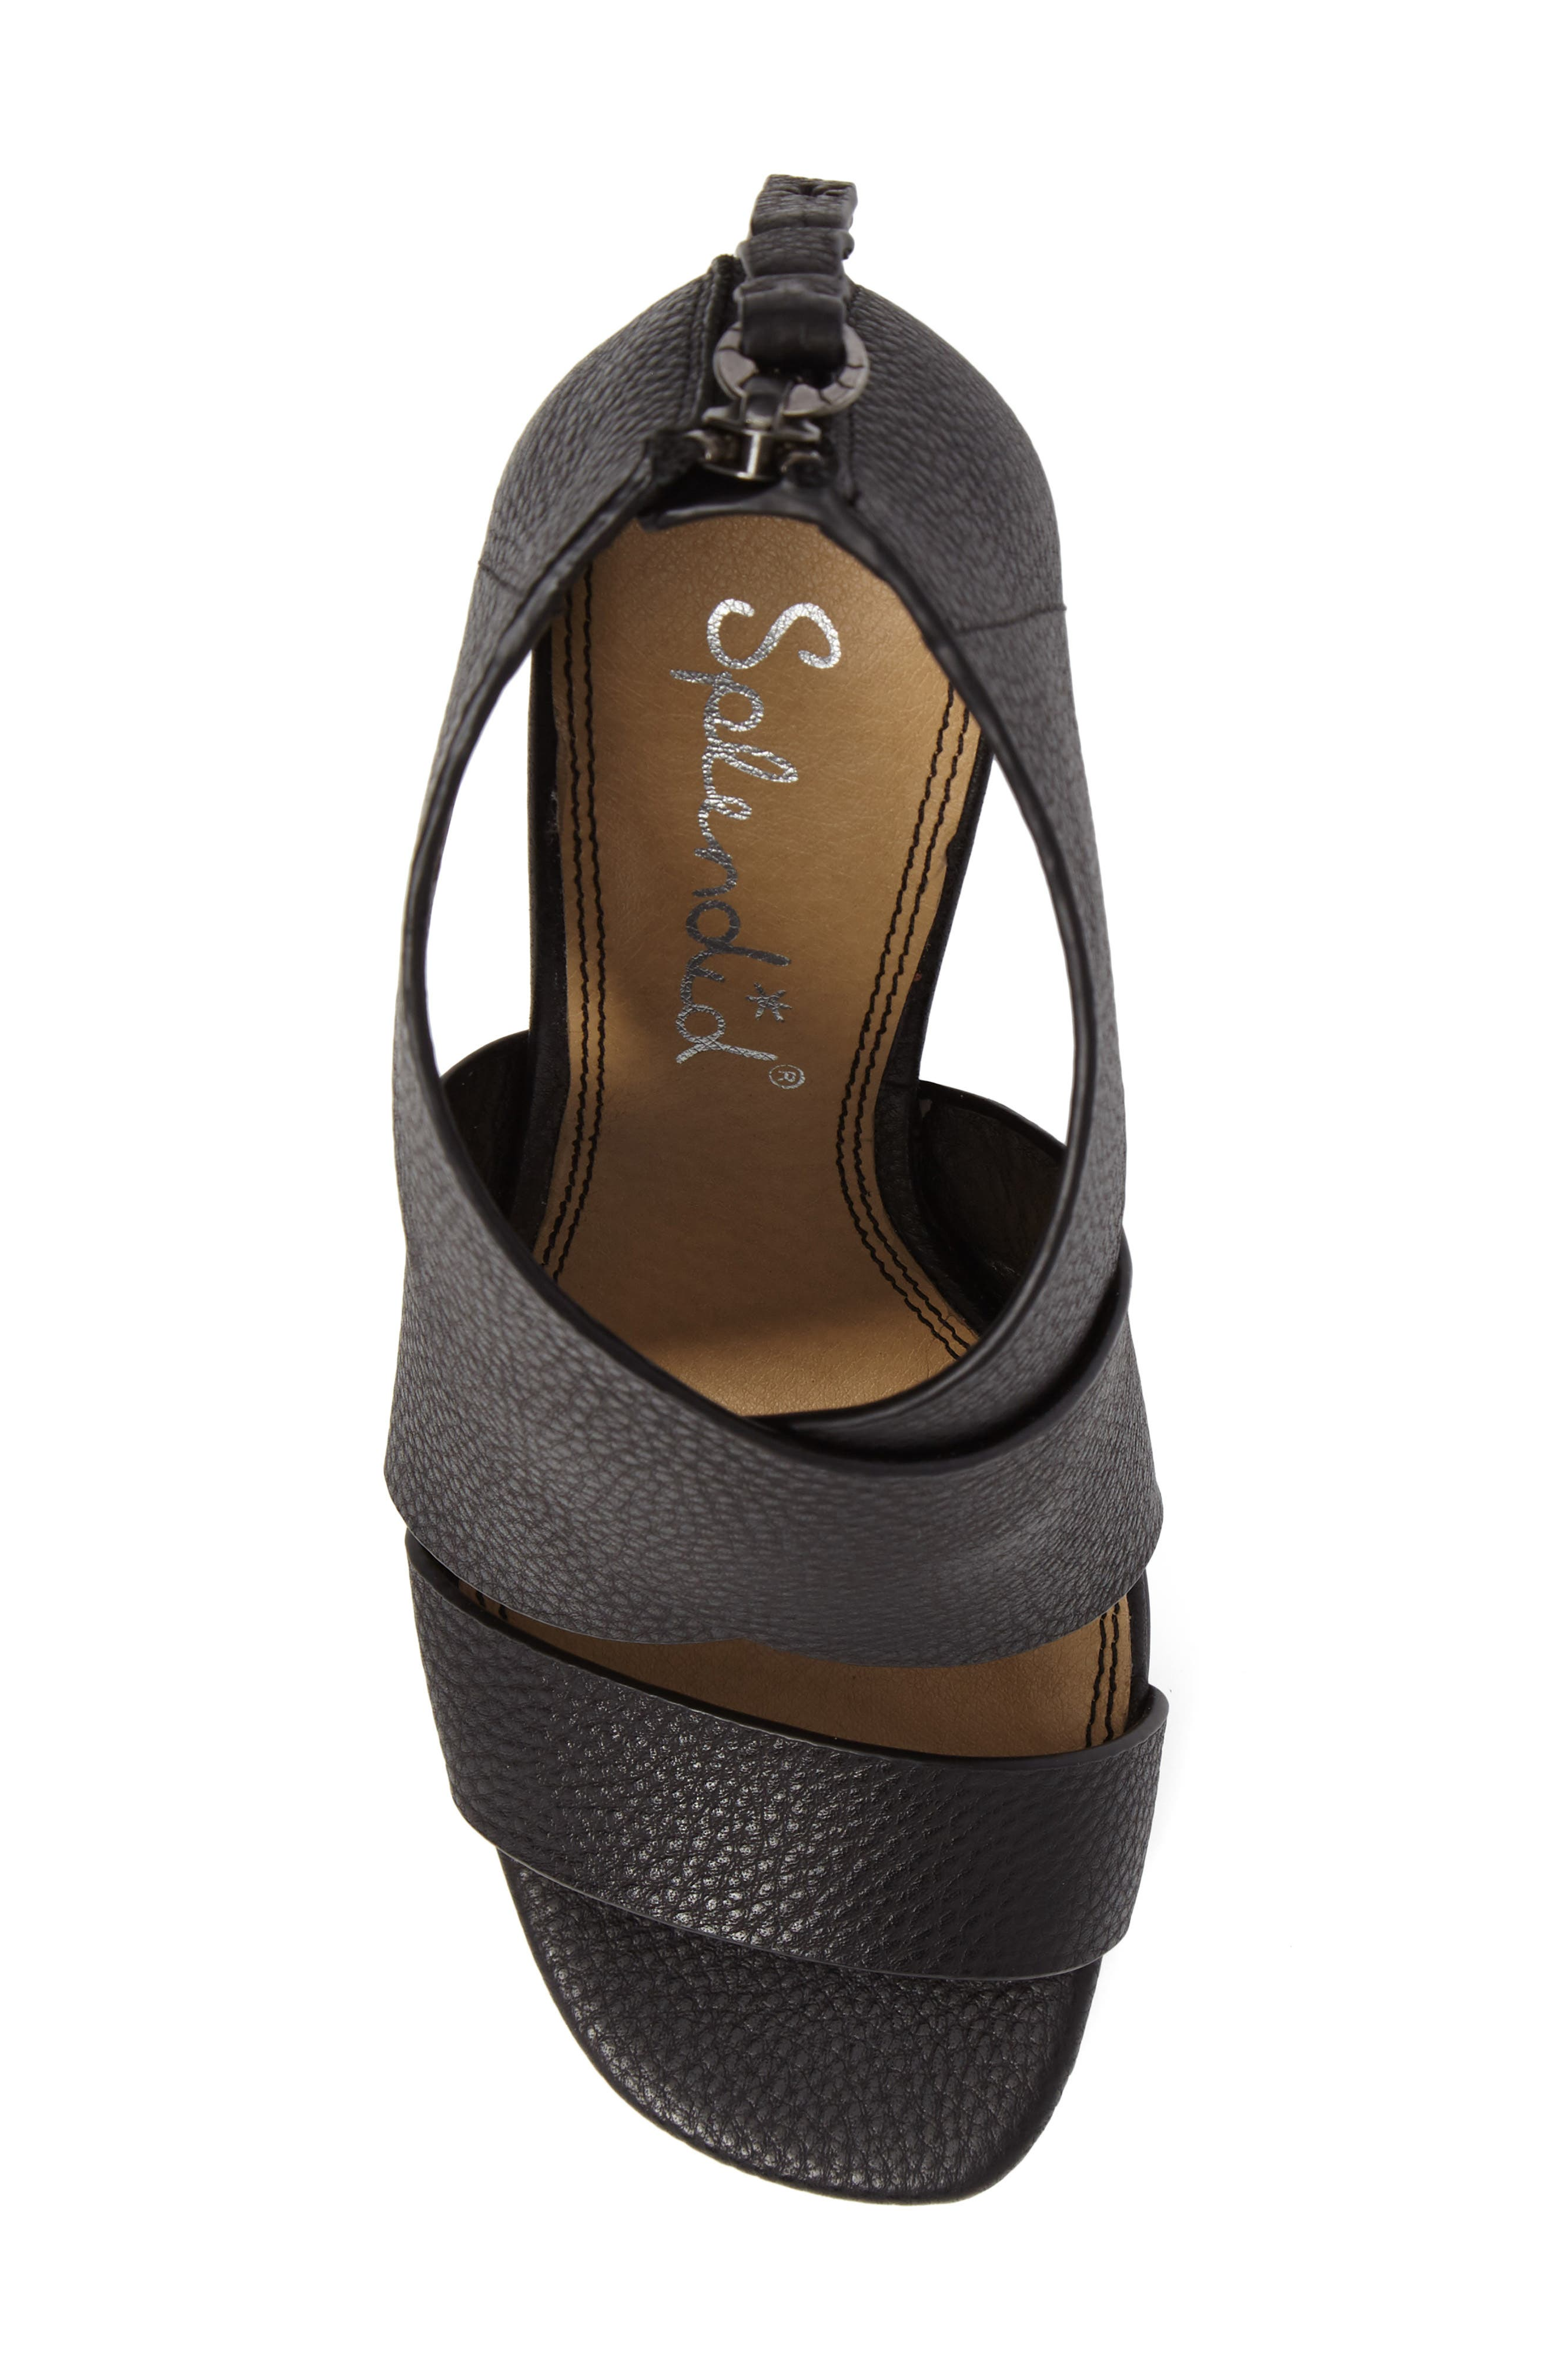 Danett Cross Strap Sandal,                             Alternate thumbnail 5, color,                             Black Leather